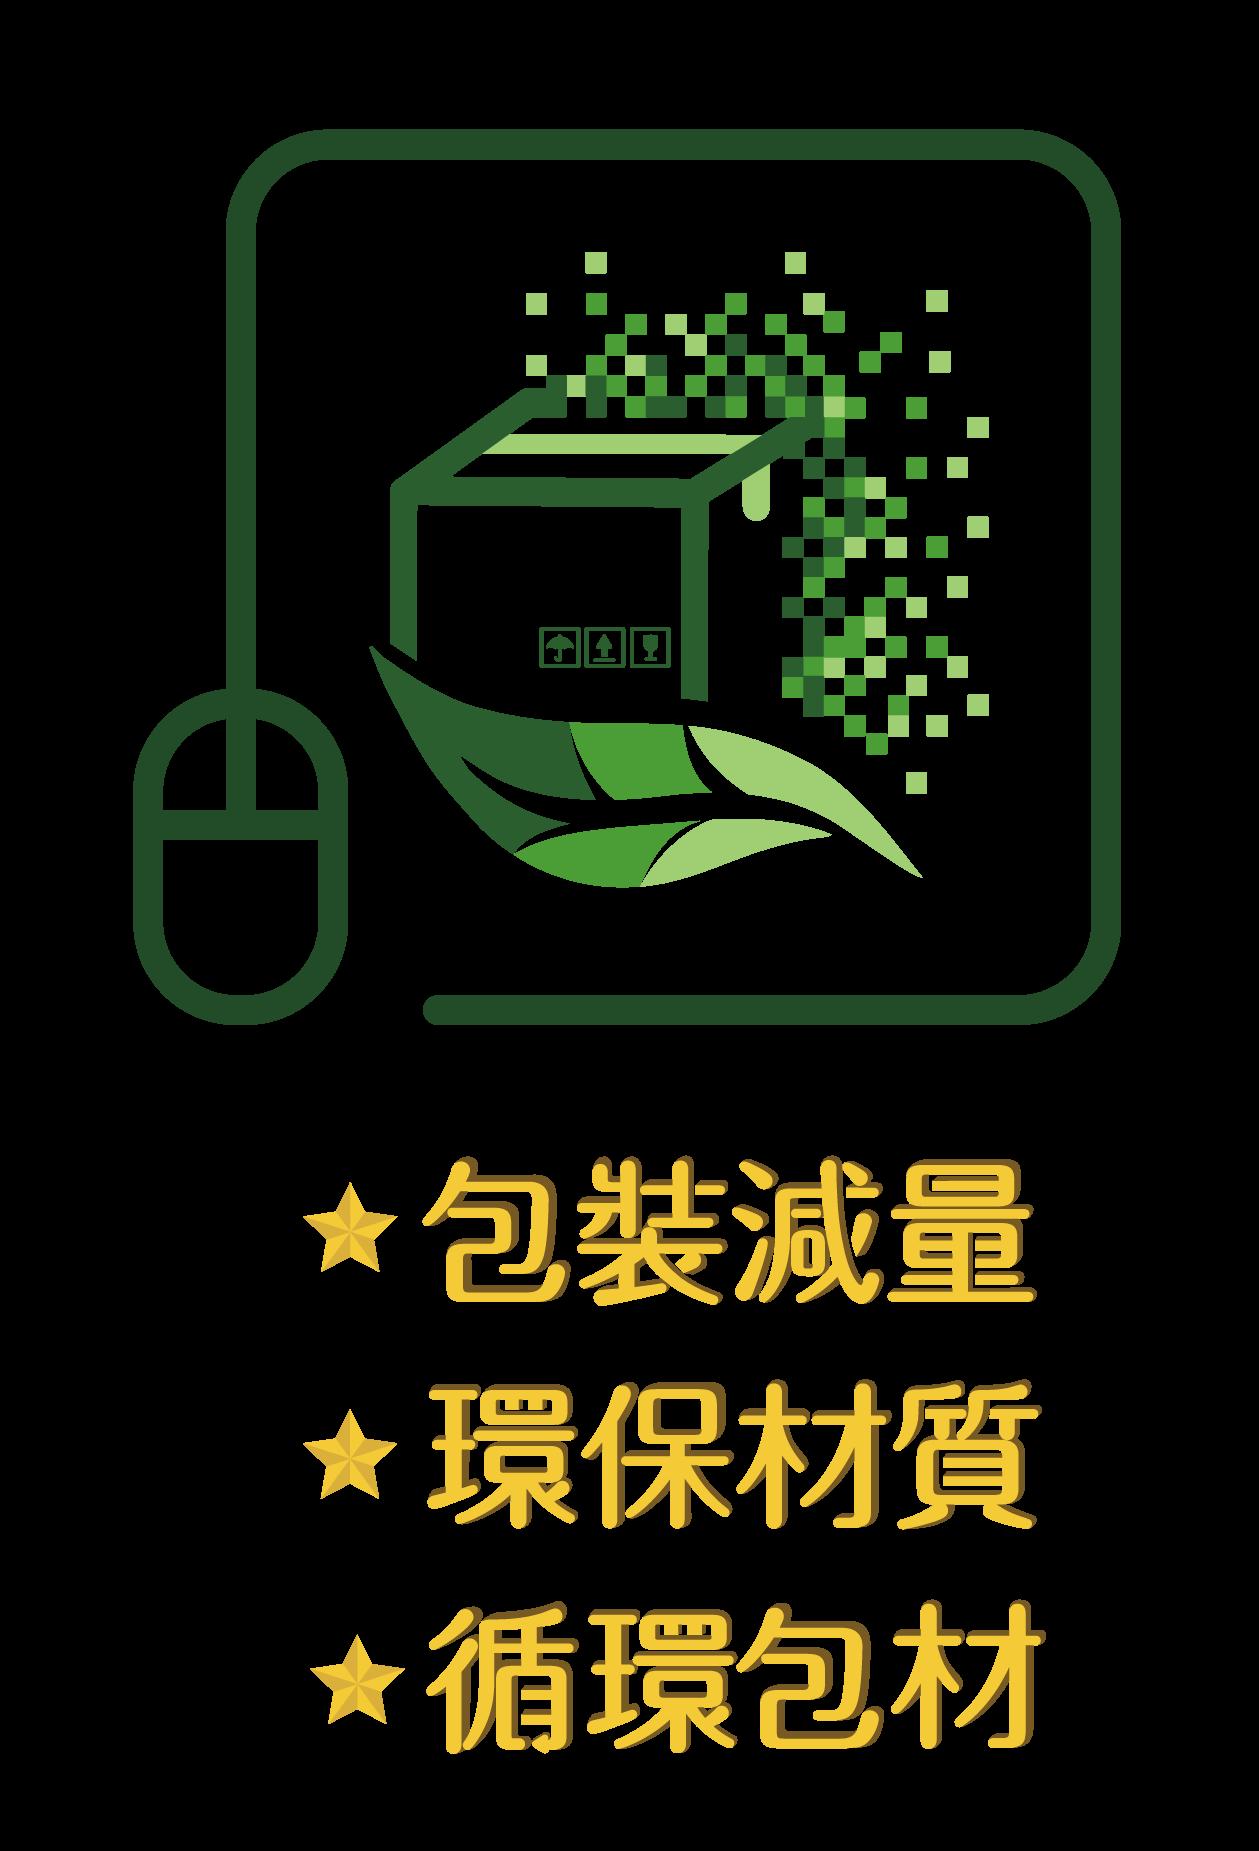 環保署包裝減量標章